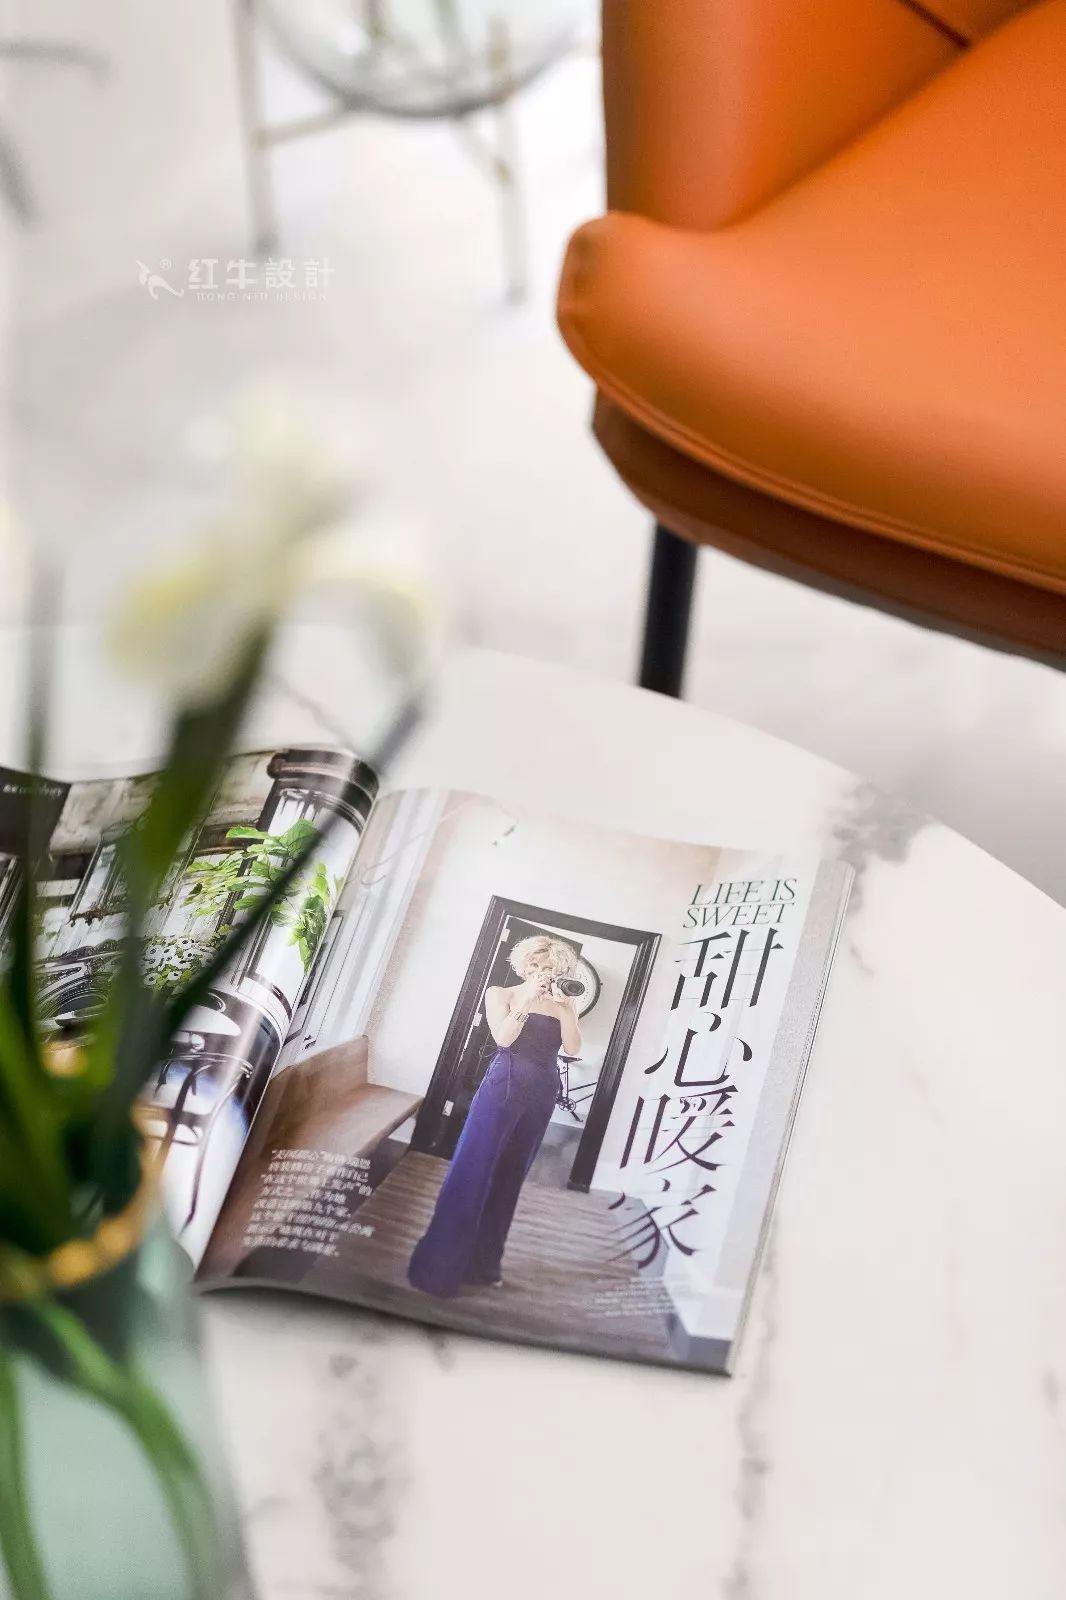 南京雅居乐145㎡现代简约--演绎当代生活美学06客厅设计05小饰品